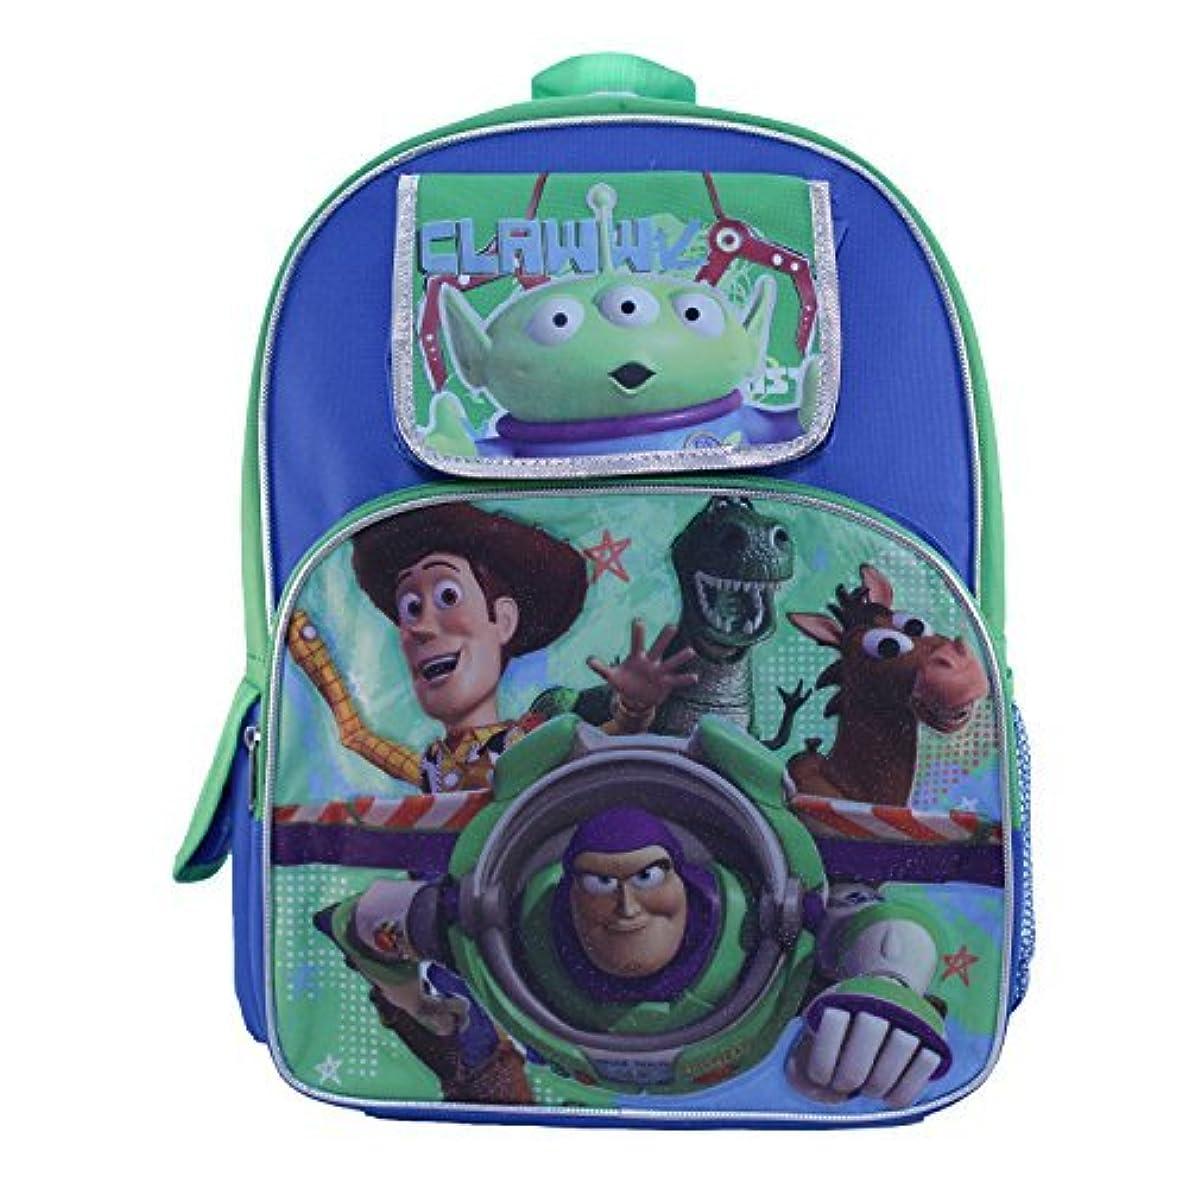 カイウス威するベンチャーRuz Disney Toy Story Backpack Bag - Not Machine Specific by Ruz [並行輸入品]